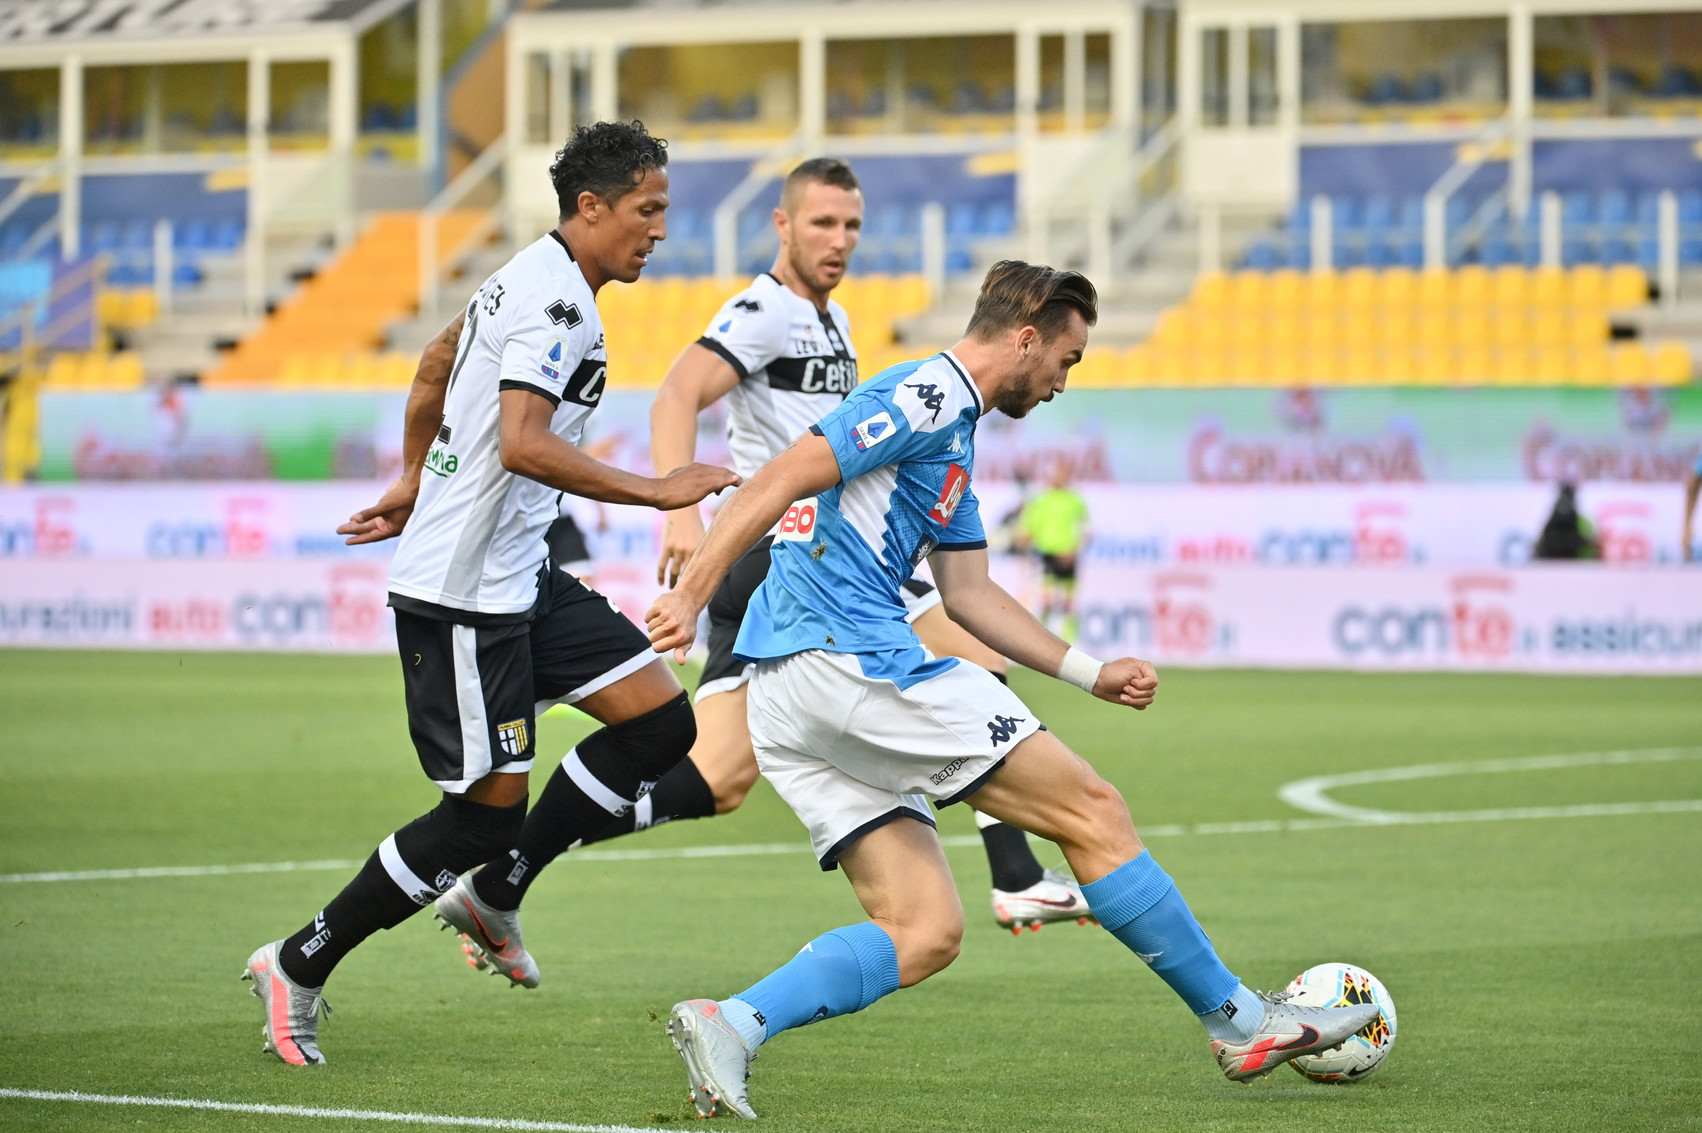 Al Tardini partita decisa da tre calci di rigore: a quello di Caprari risponde Insigne, poi quello di Kulusevski chiude il match a favore degli emiliani.